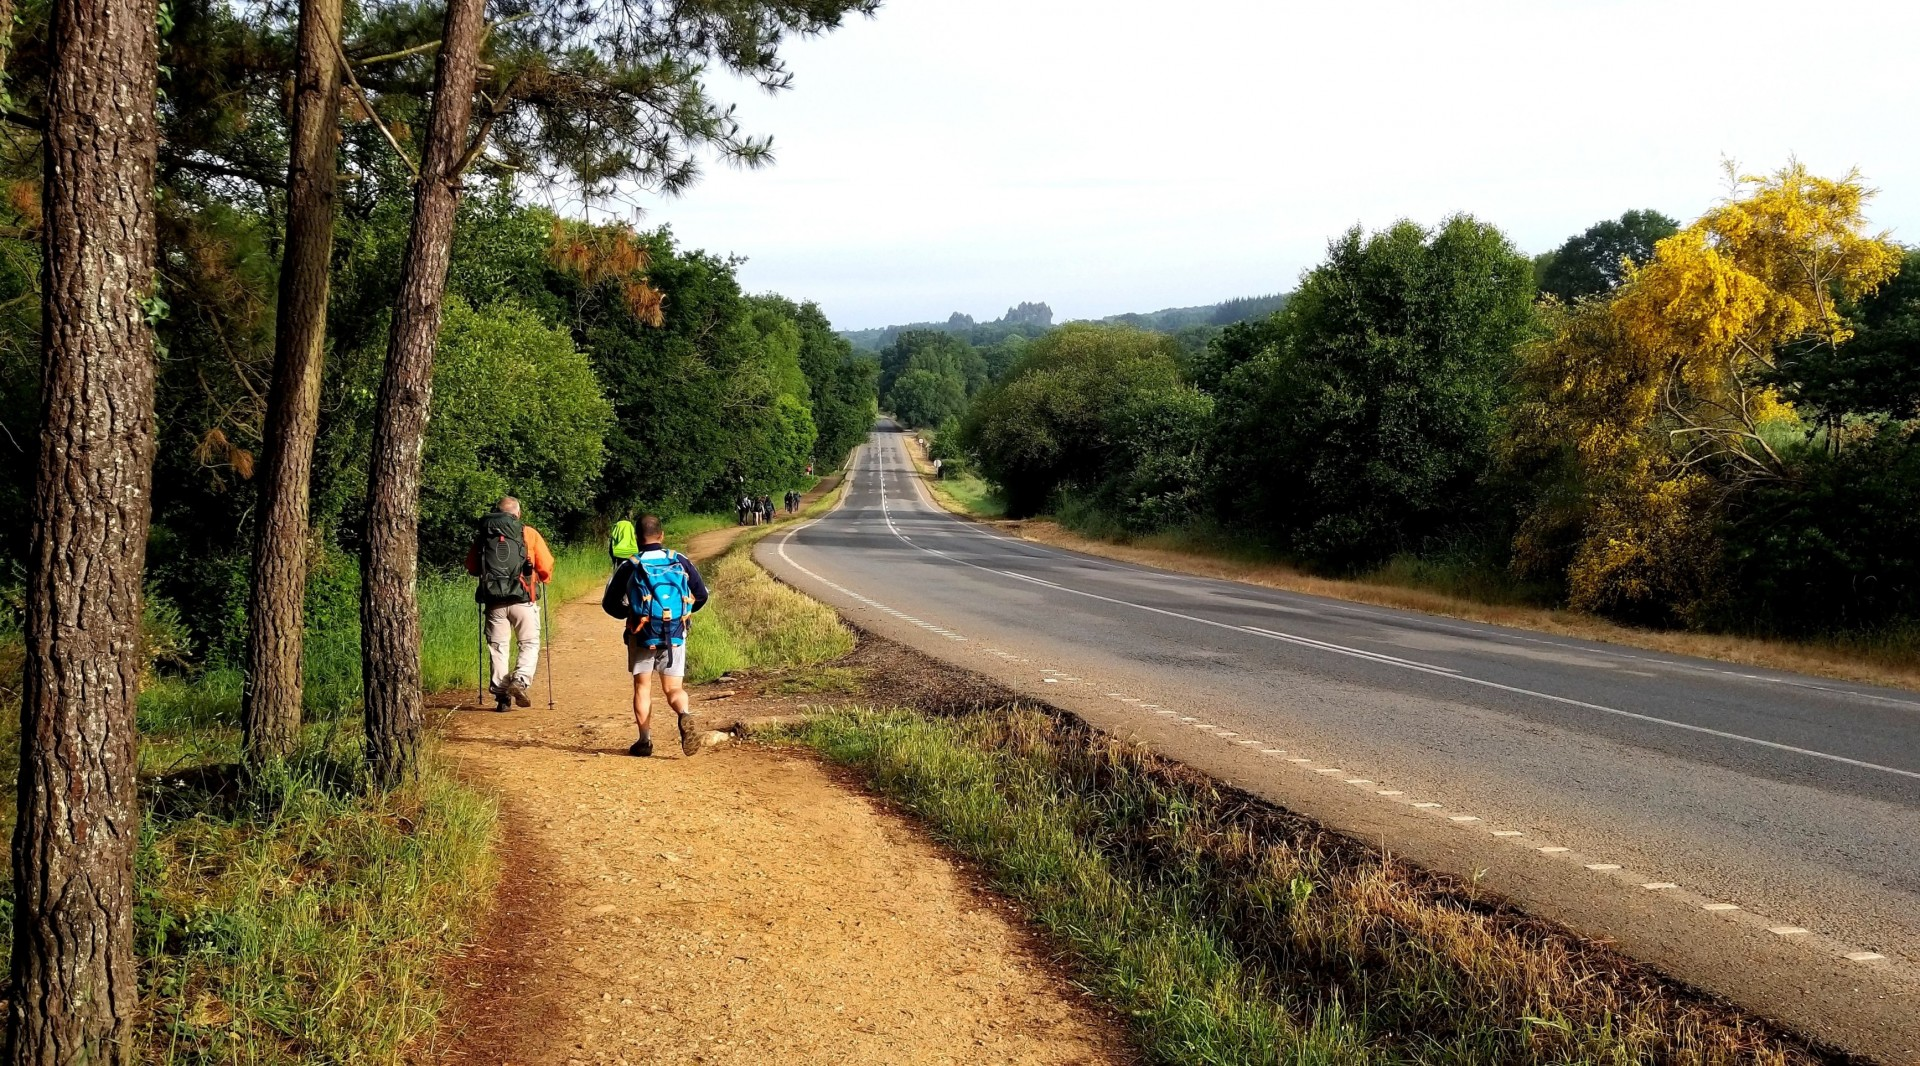 Transporte de Mochilas - Considerações Gerais